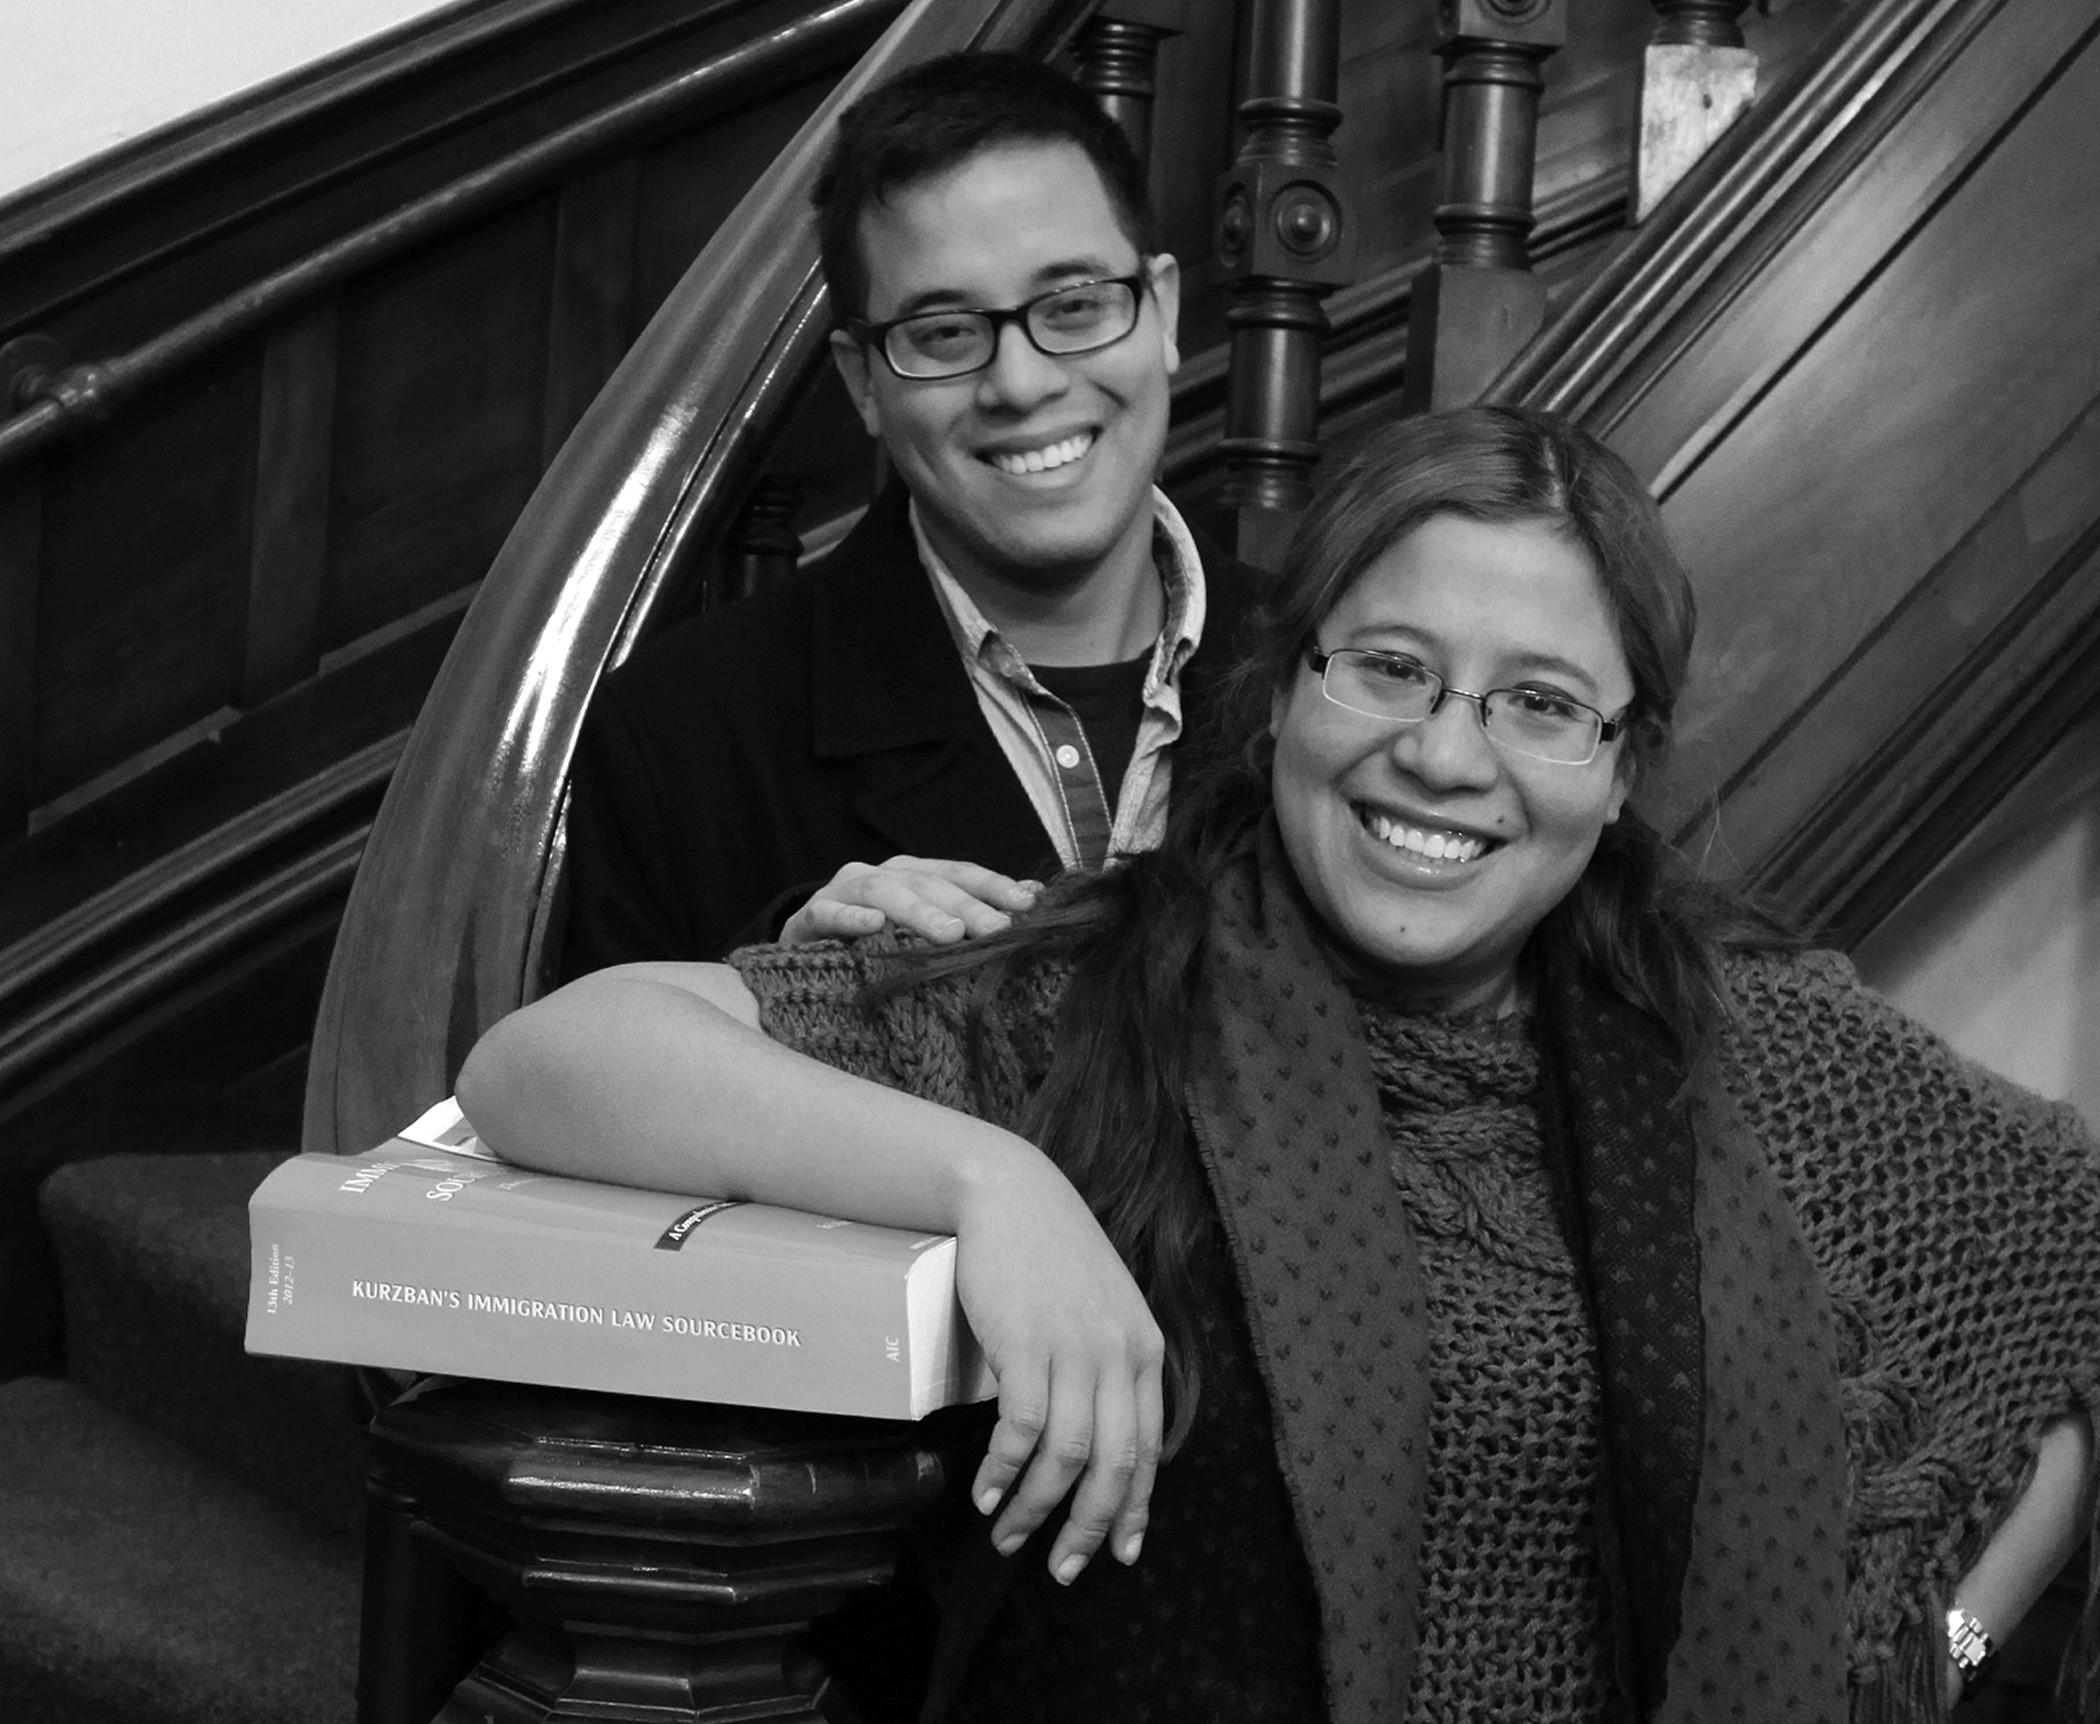 Ecuador Marco and Jennifer_7868 horizontal crop.jpeg